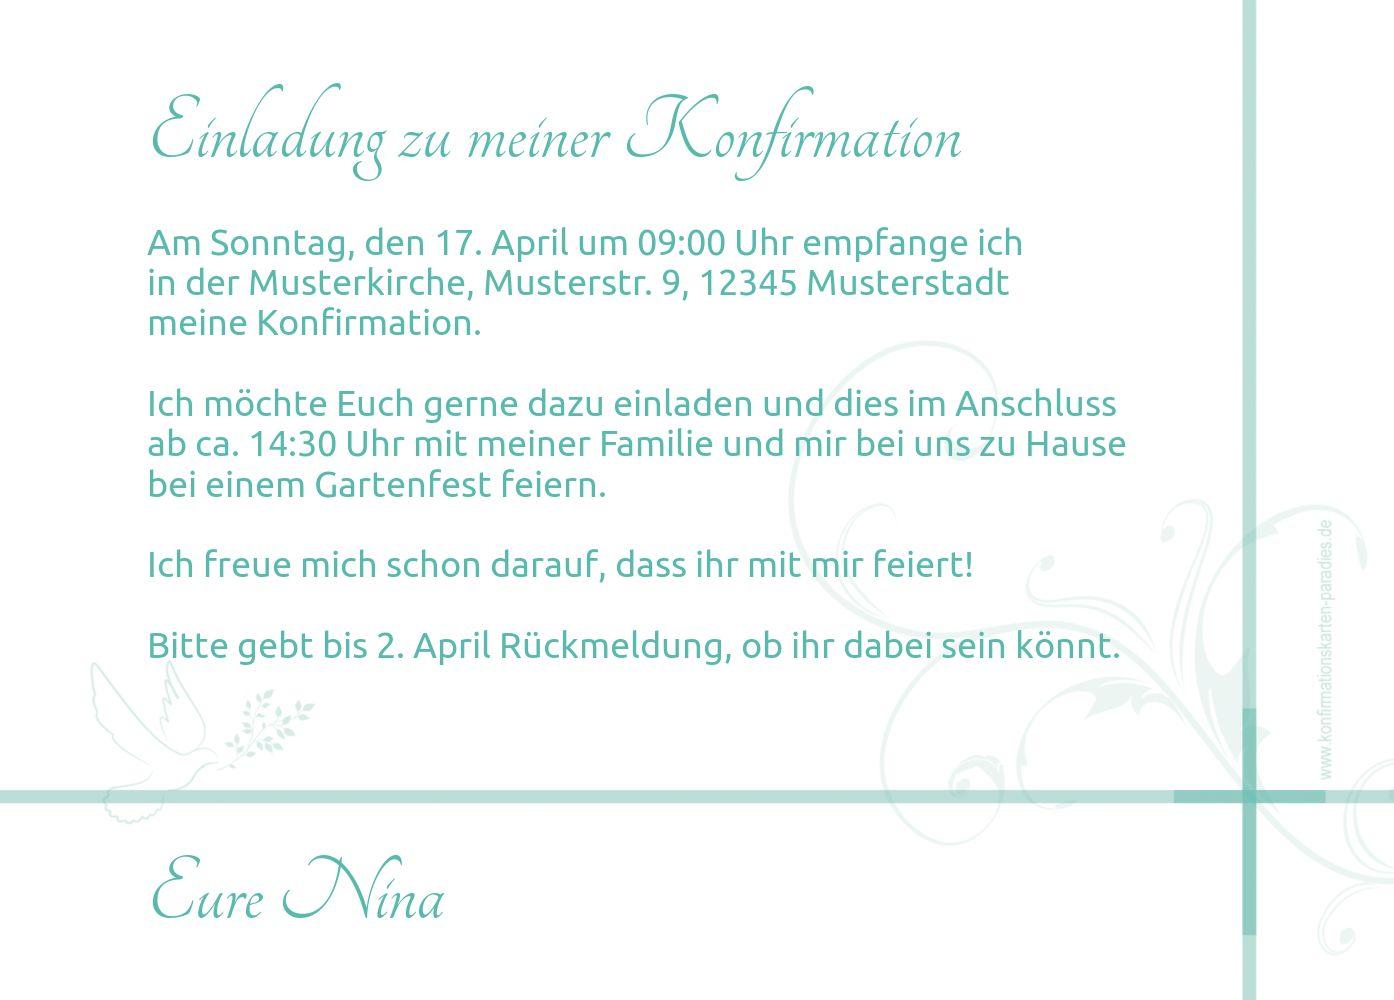 Ansicht 3 - Einladungskarte zur Konfirmation floral